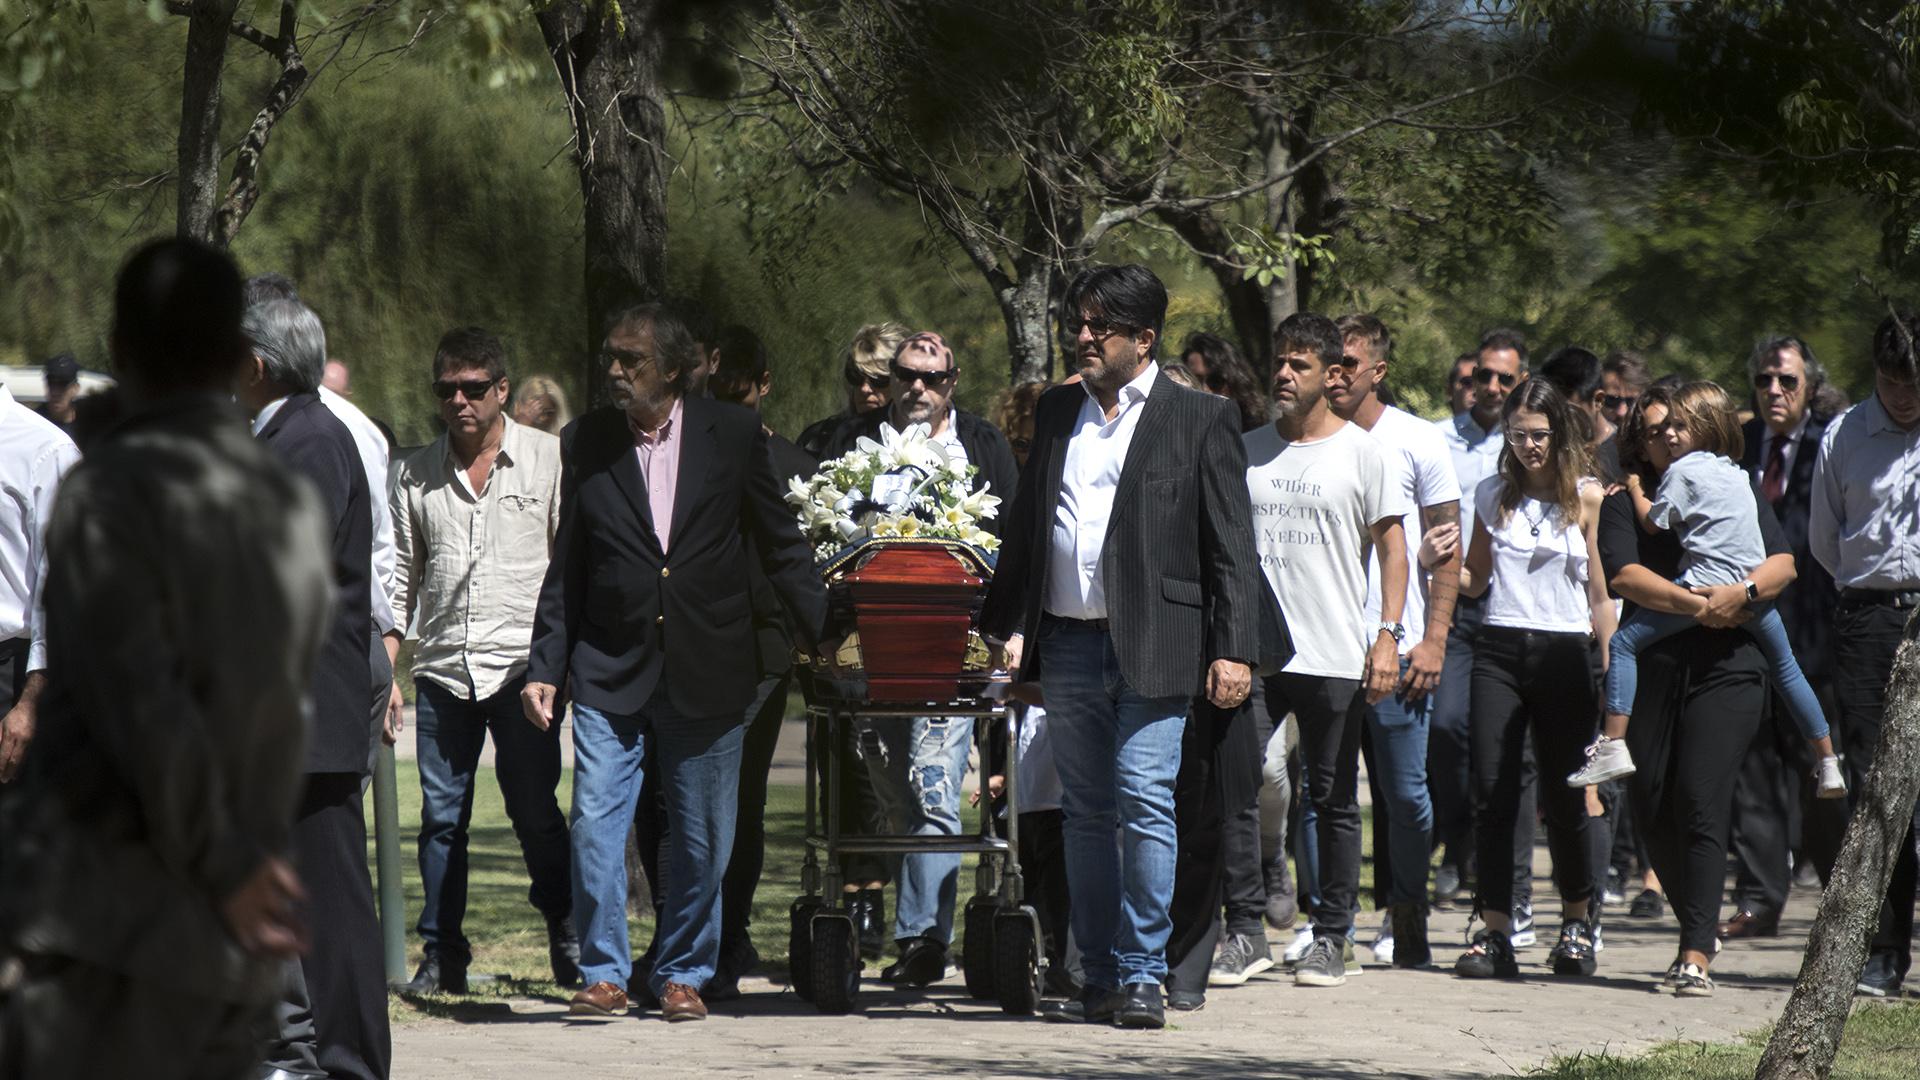 Luis Brandonitrabajó en varias oportunidades con Emilio Disi y eran amigos cercanos